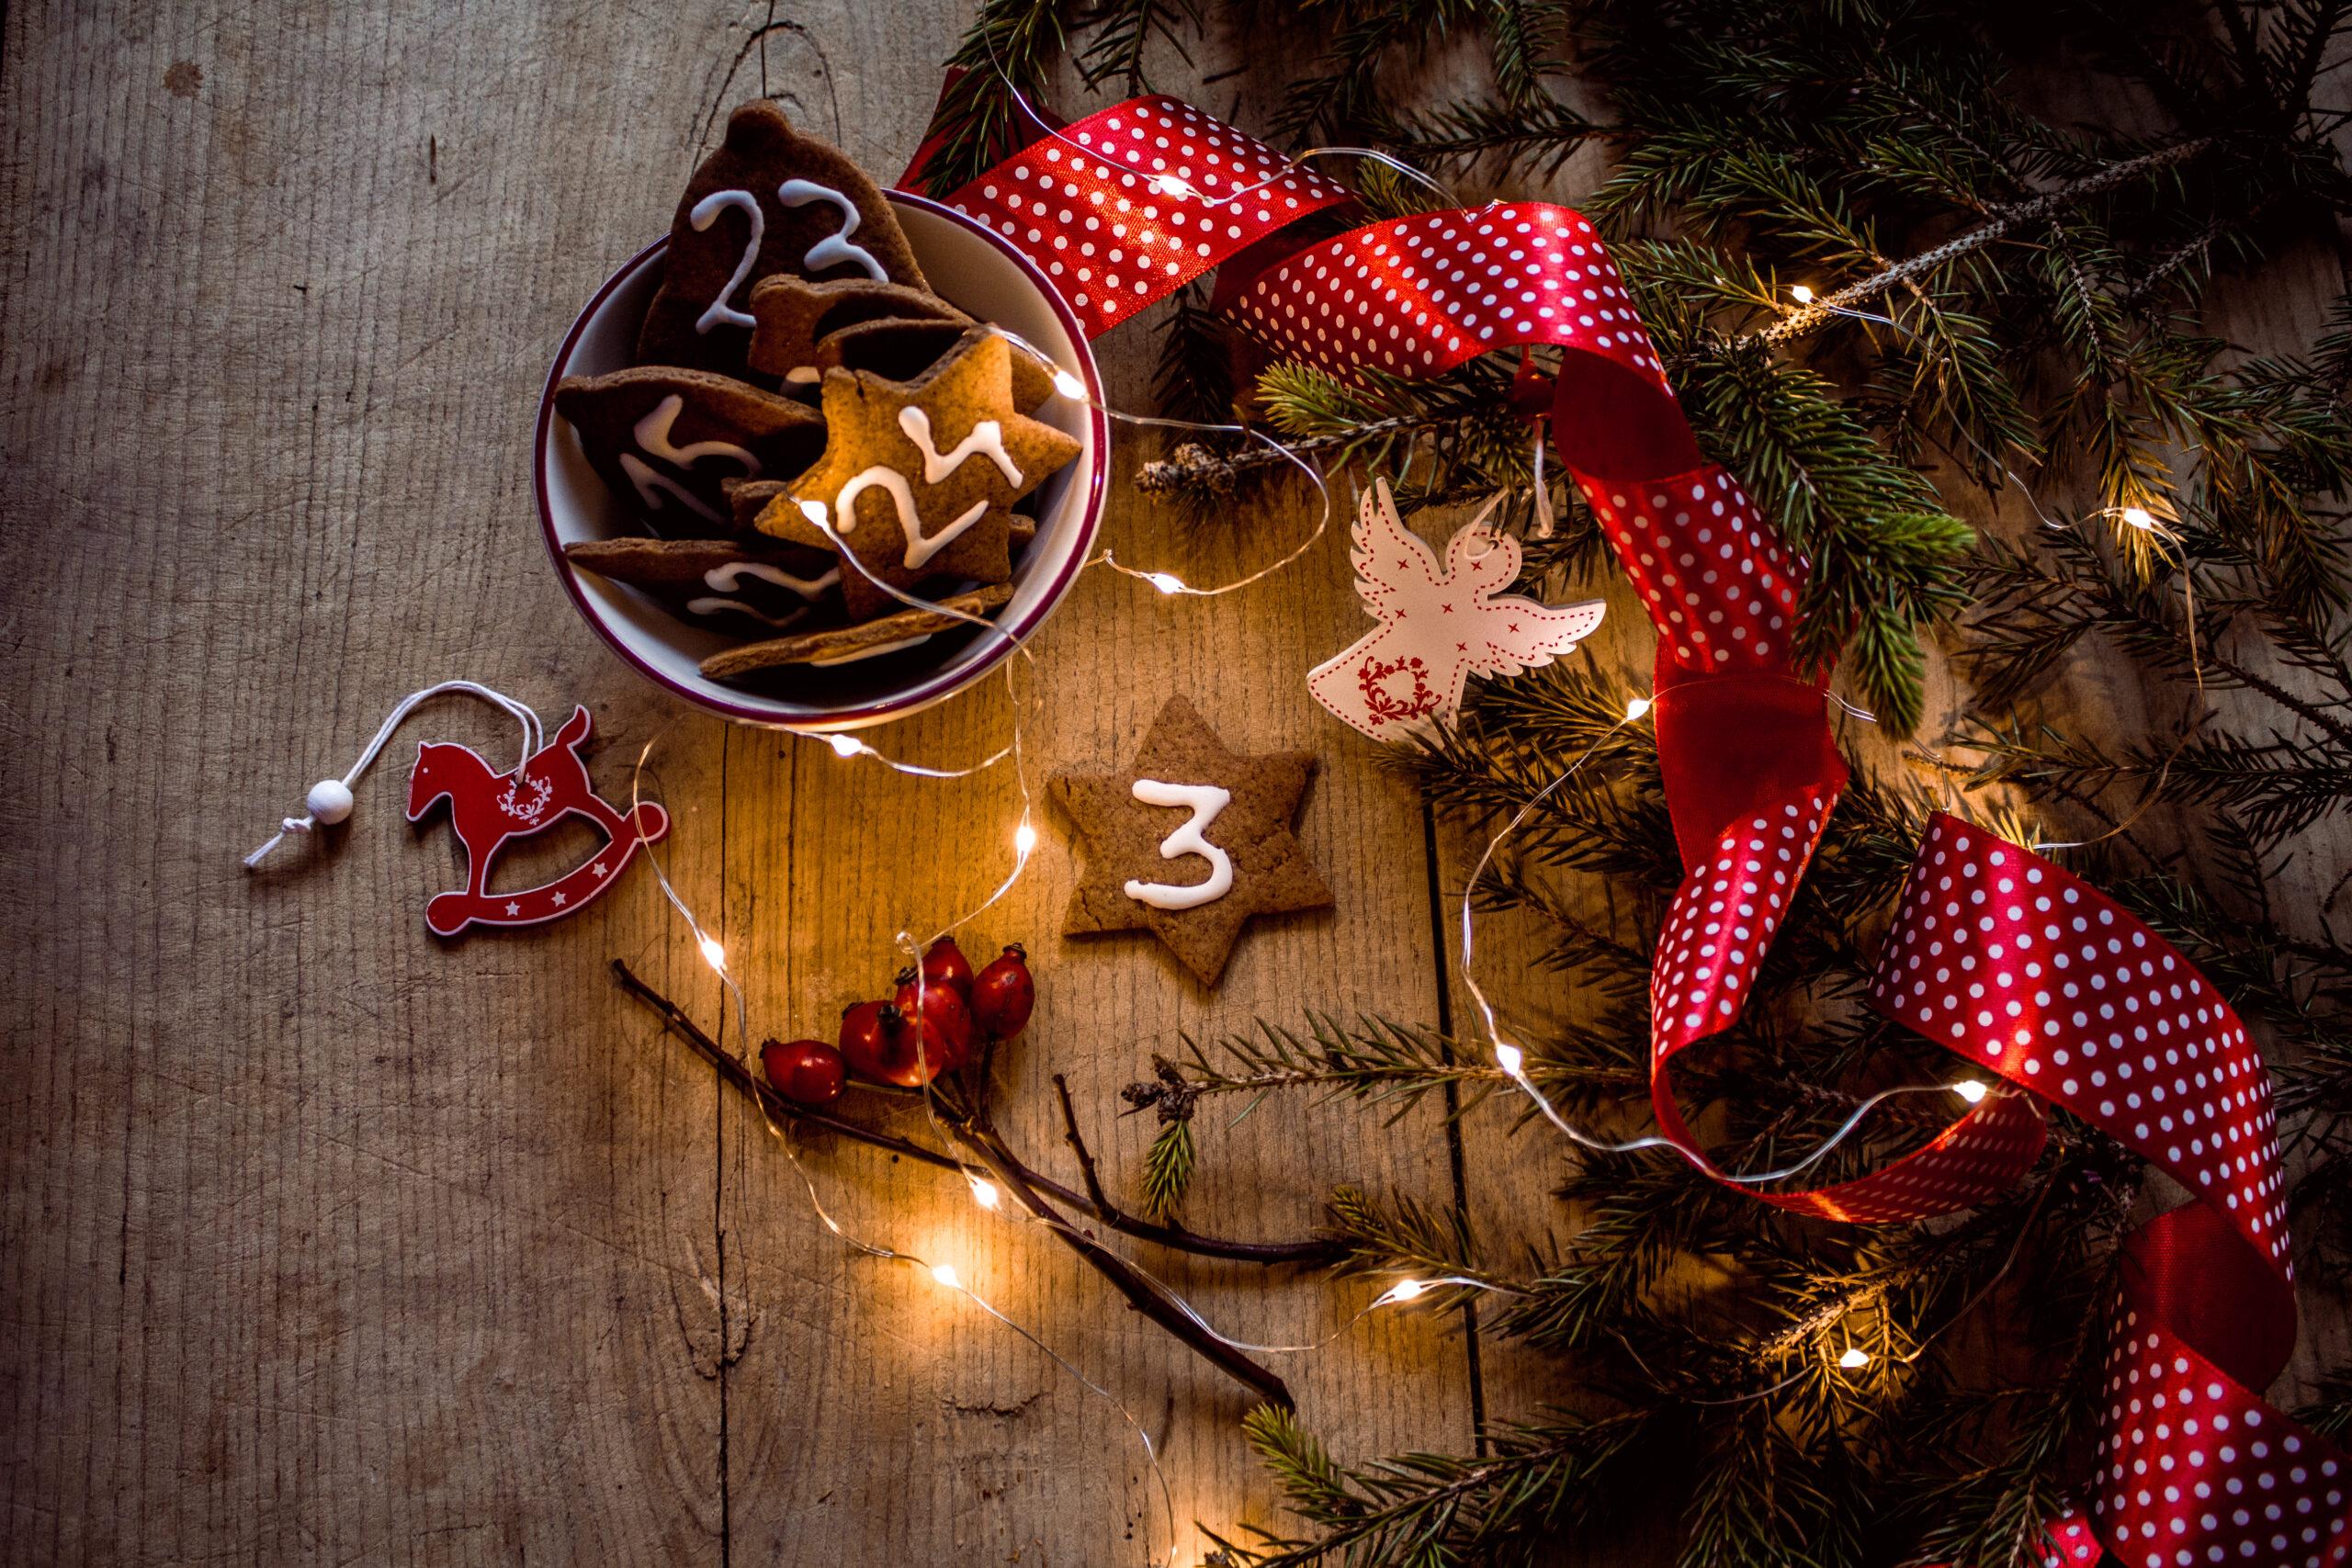 MAGICZNY GRUDZIEŃ: #3 – Ciasteczka dla Mikołaja.